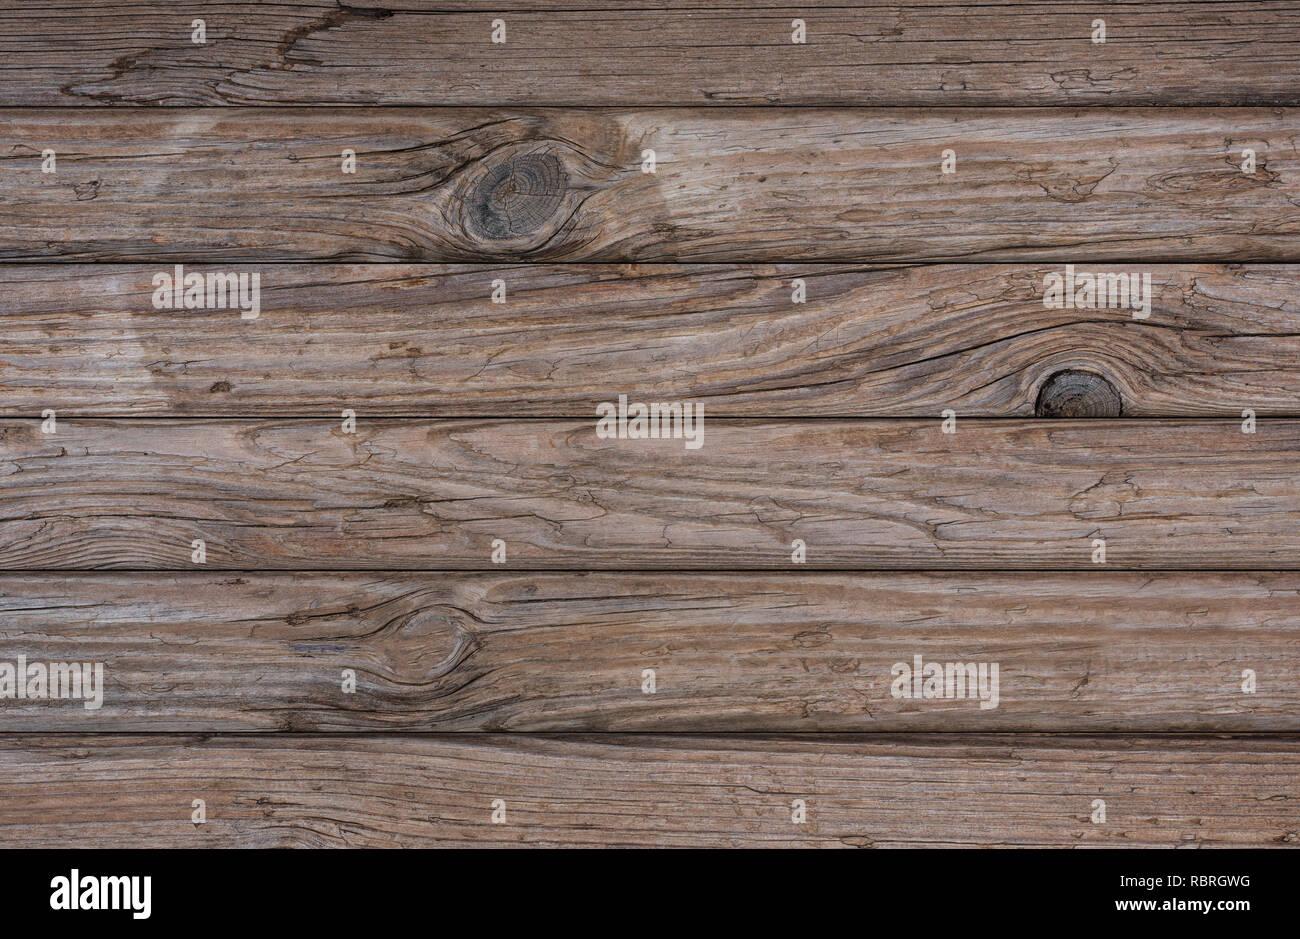 old wood floor texture, hardwood floor texture - Stock Image